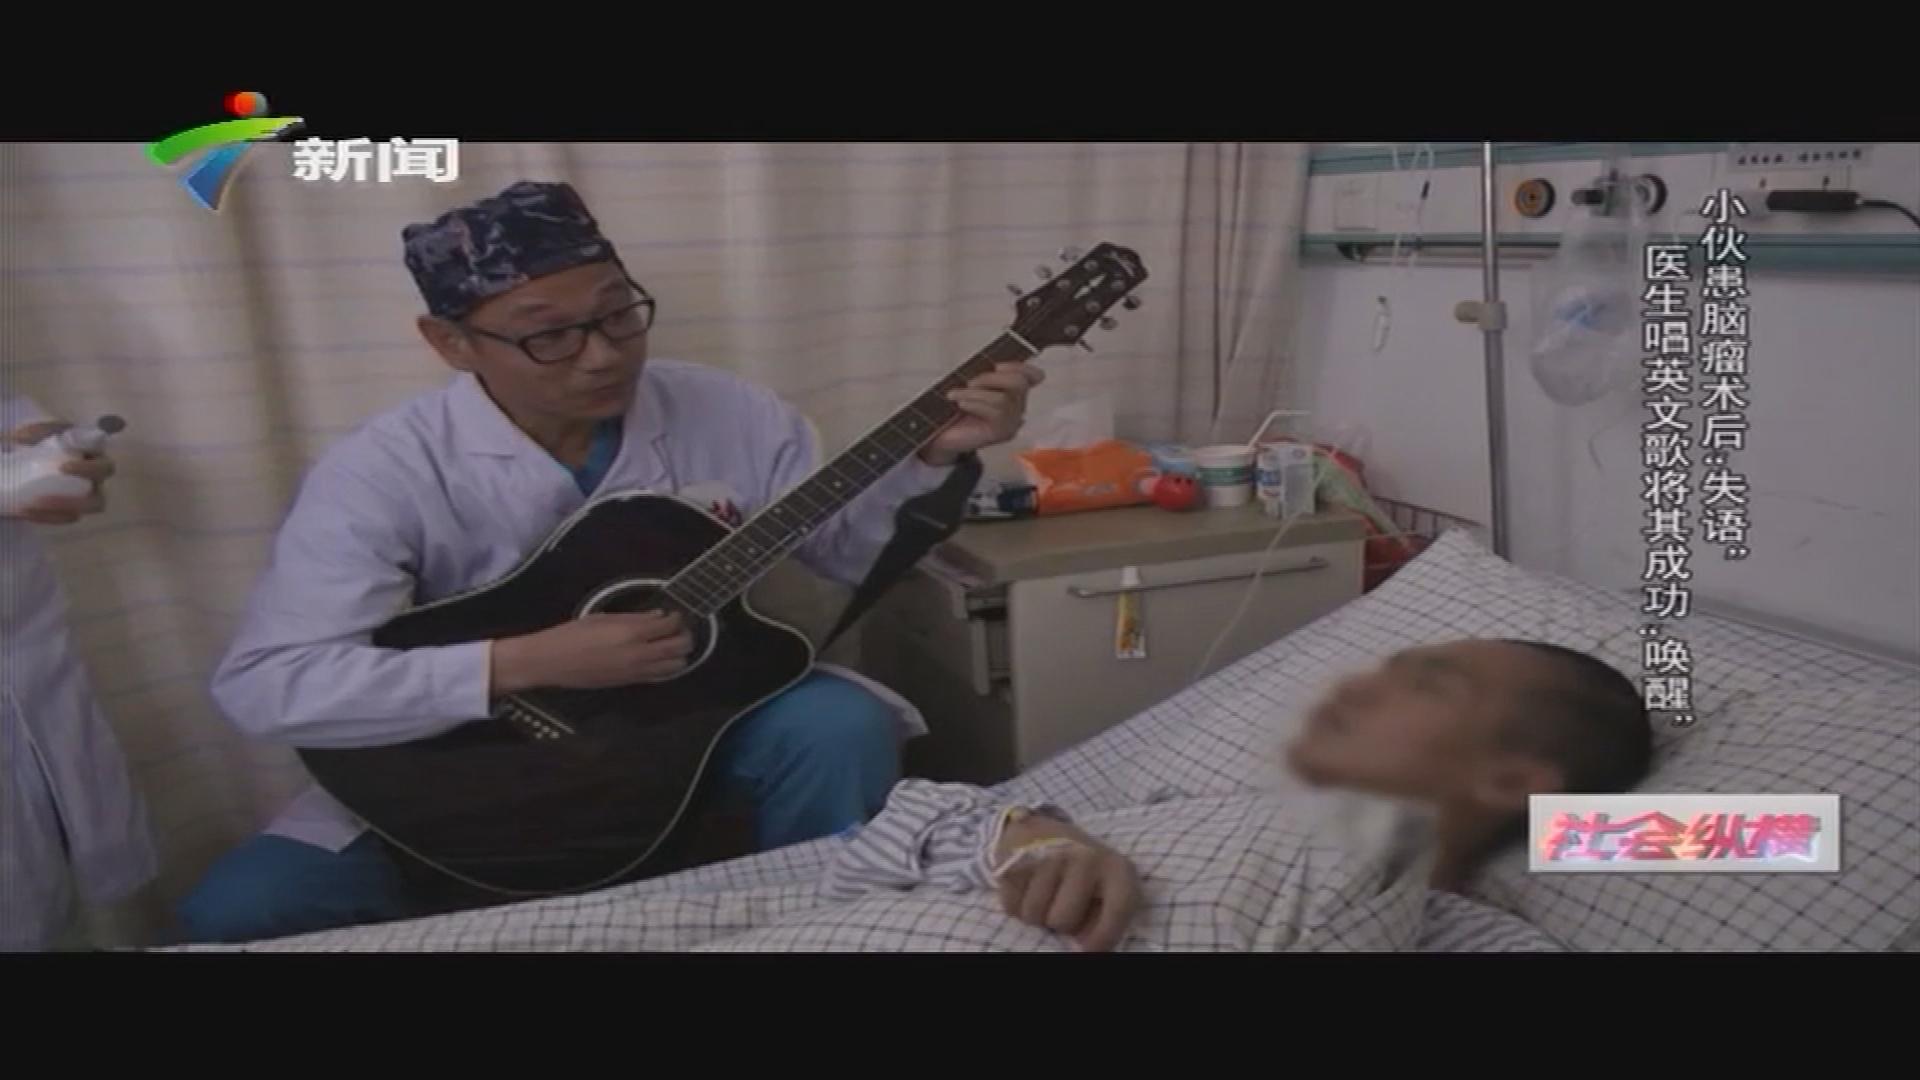 """小伙患脑瘤术后""""失语"""" 医生唱英文歌将其成功""""唤醒"""""""